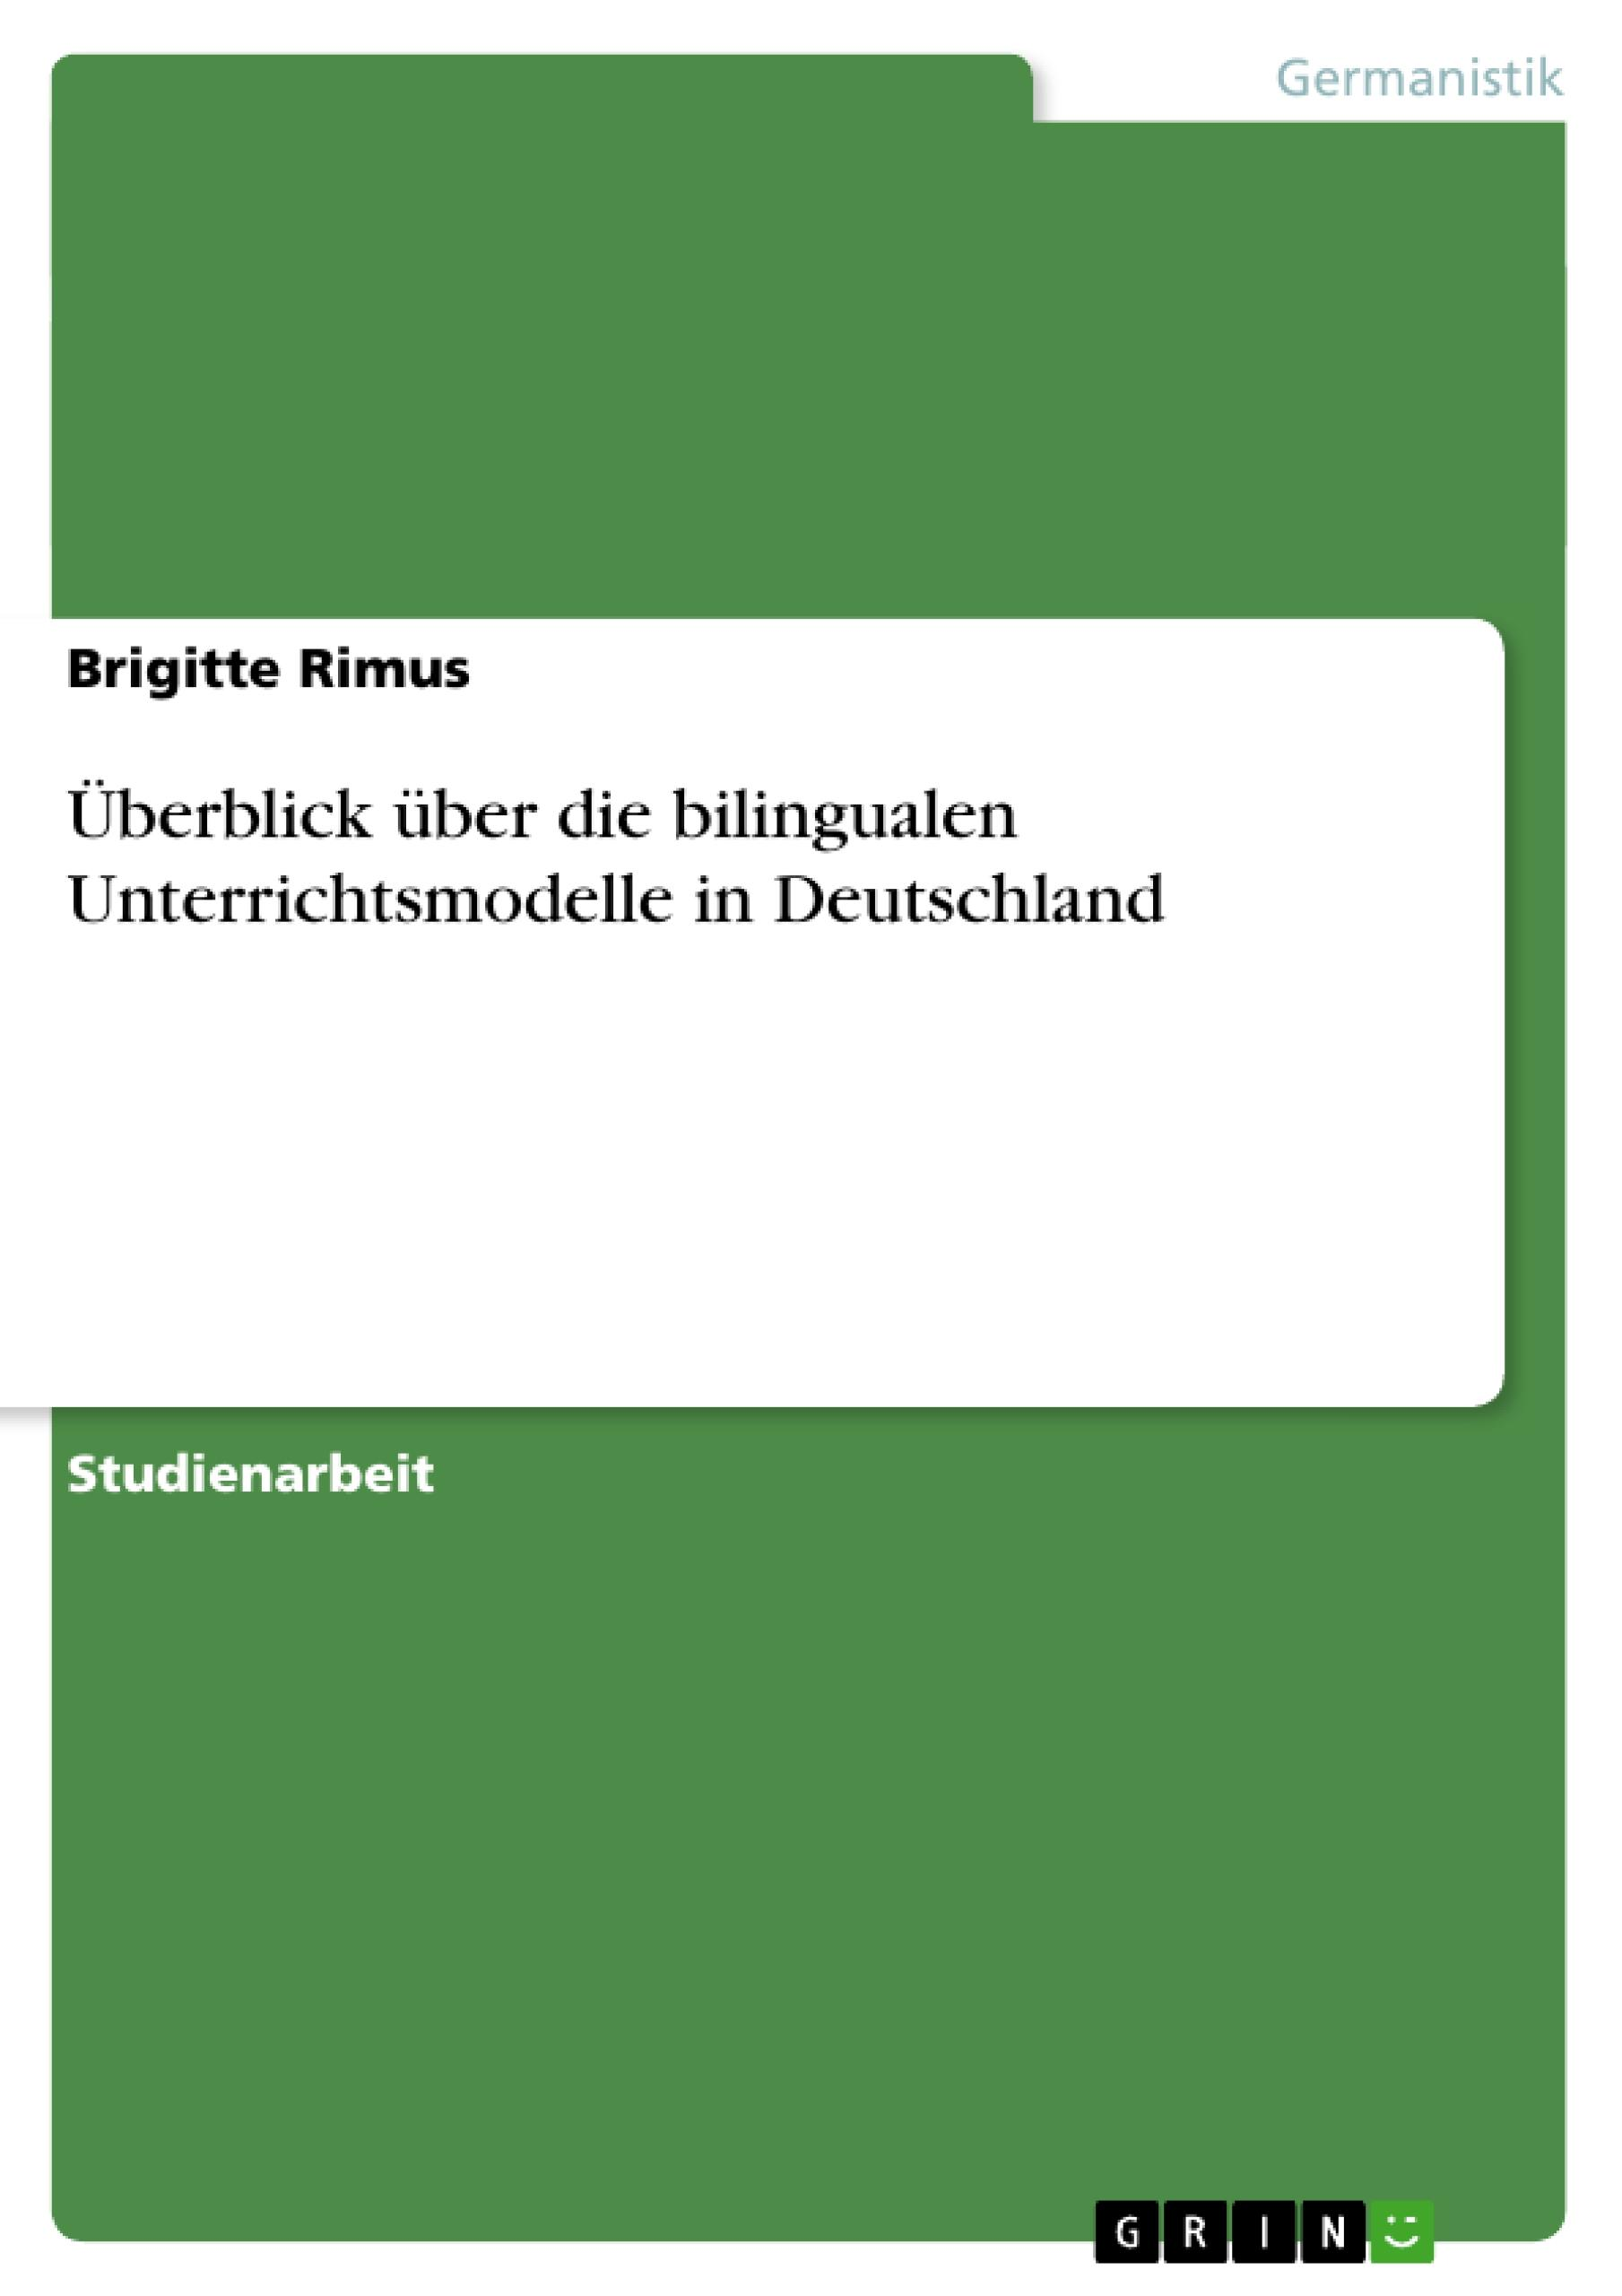 Überblick über die bilingualen Unterrichtsmodelle in Deutschland  Brigitte Rimus  Taschenbuch  Deutsch  2010 - Rimus, Brigitte